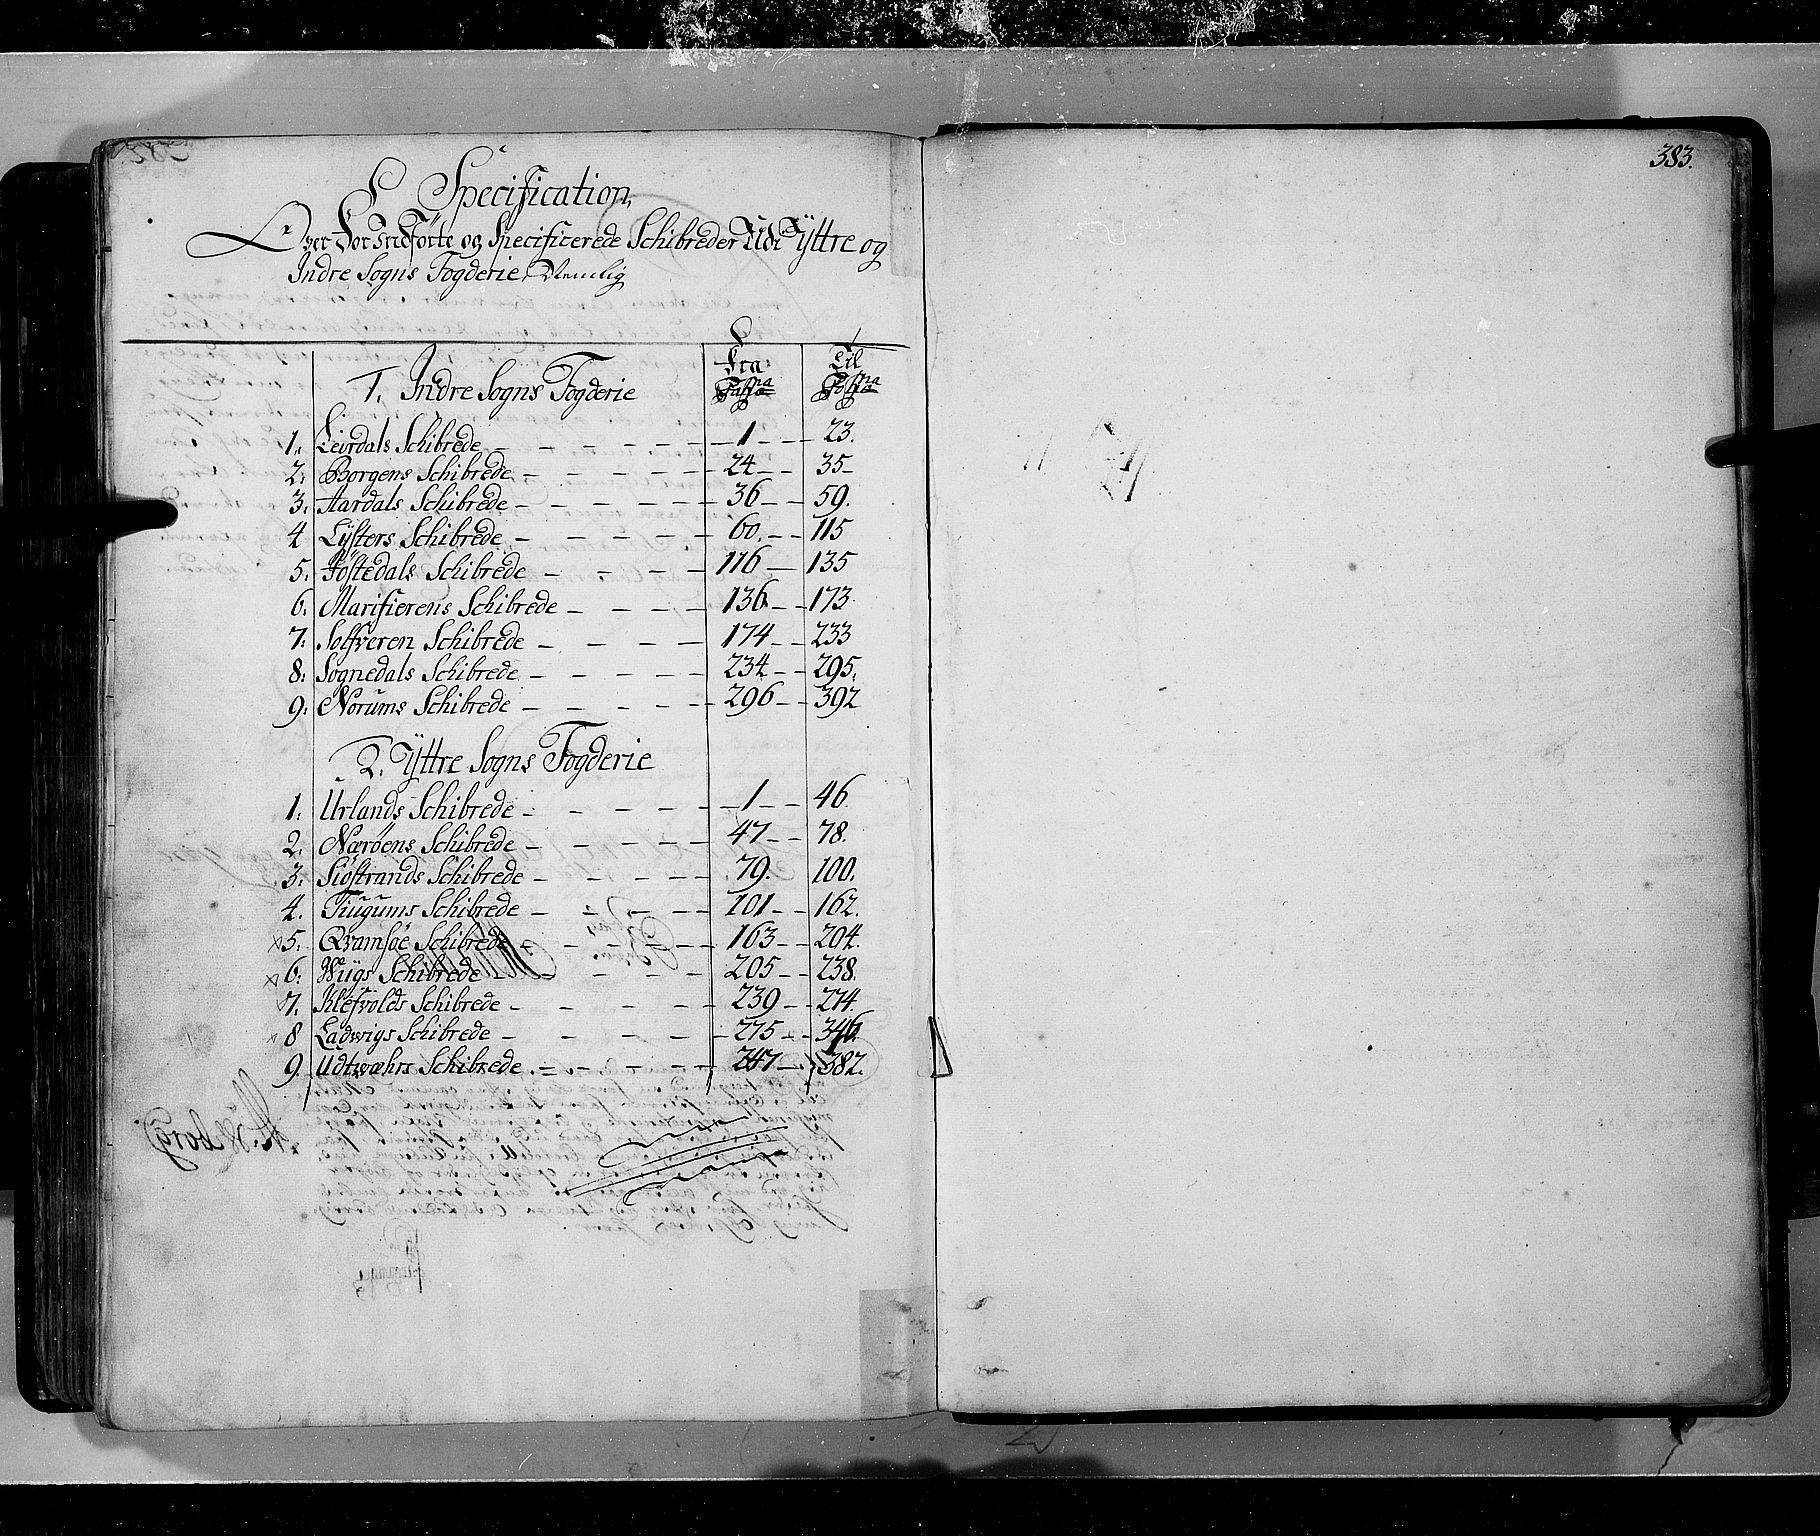 RA, Rentekammeret inntil 1814, Realistisk ordnet avdeling, N/Nb/Nbf/L0143: Ytre og Indre Sogn eksaminasjonsprotokoll, 1723, s. 383